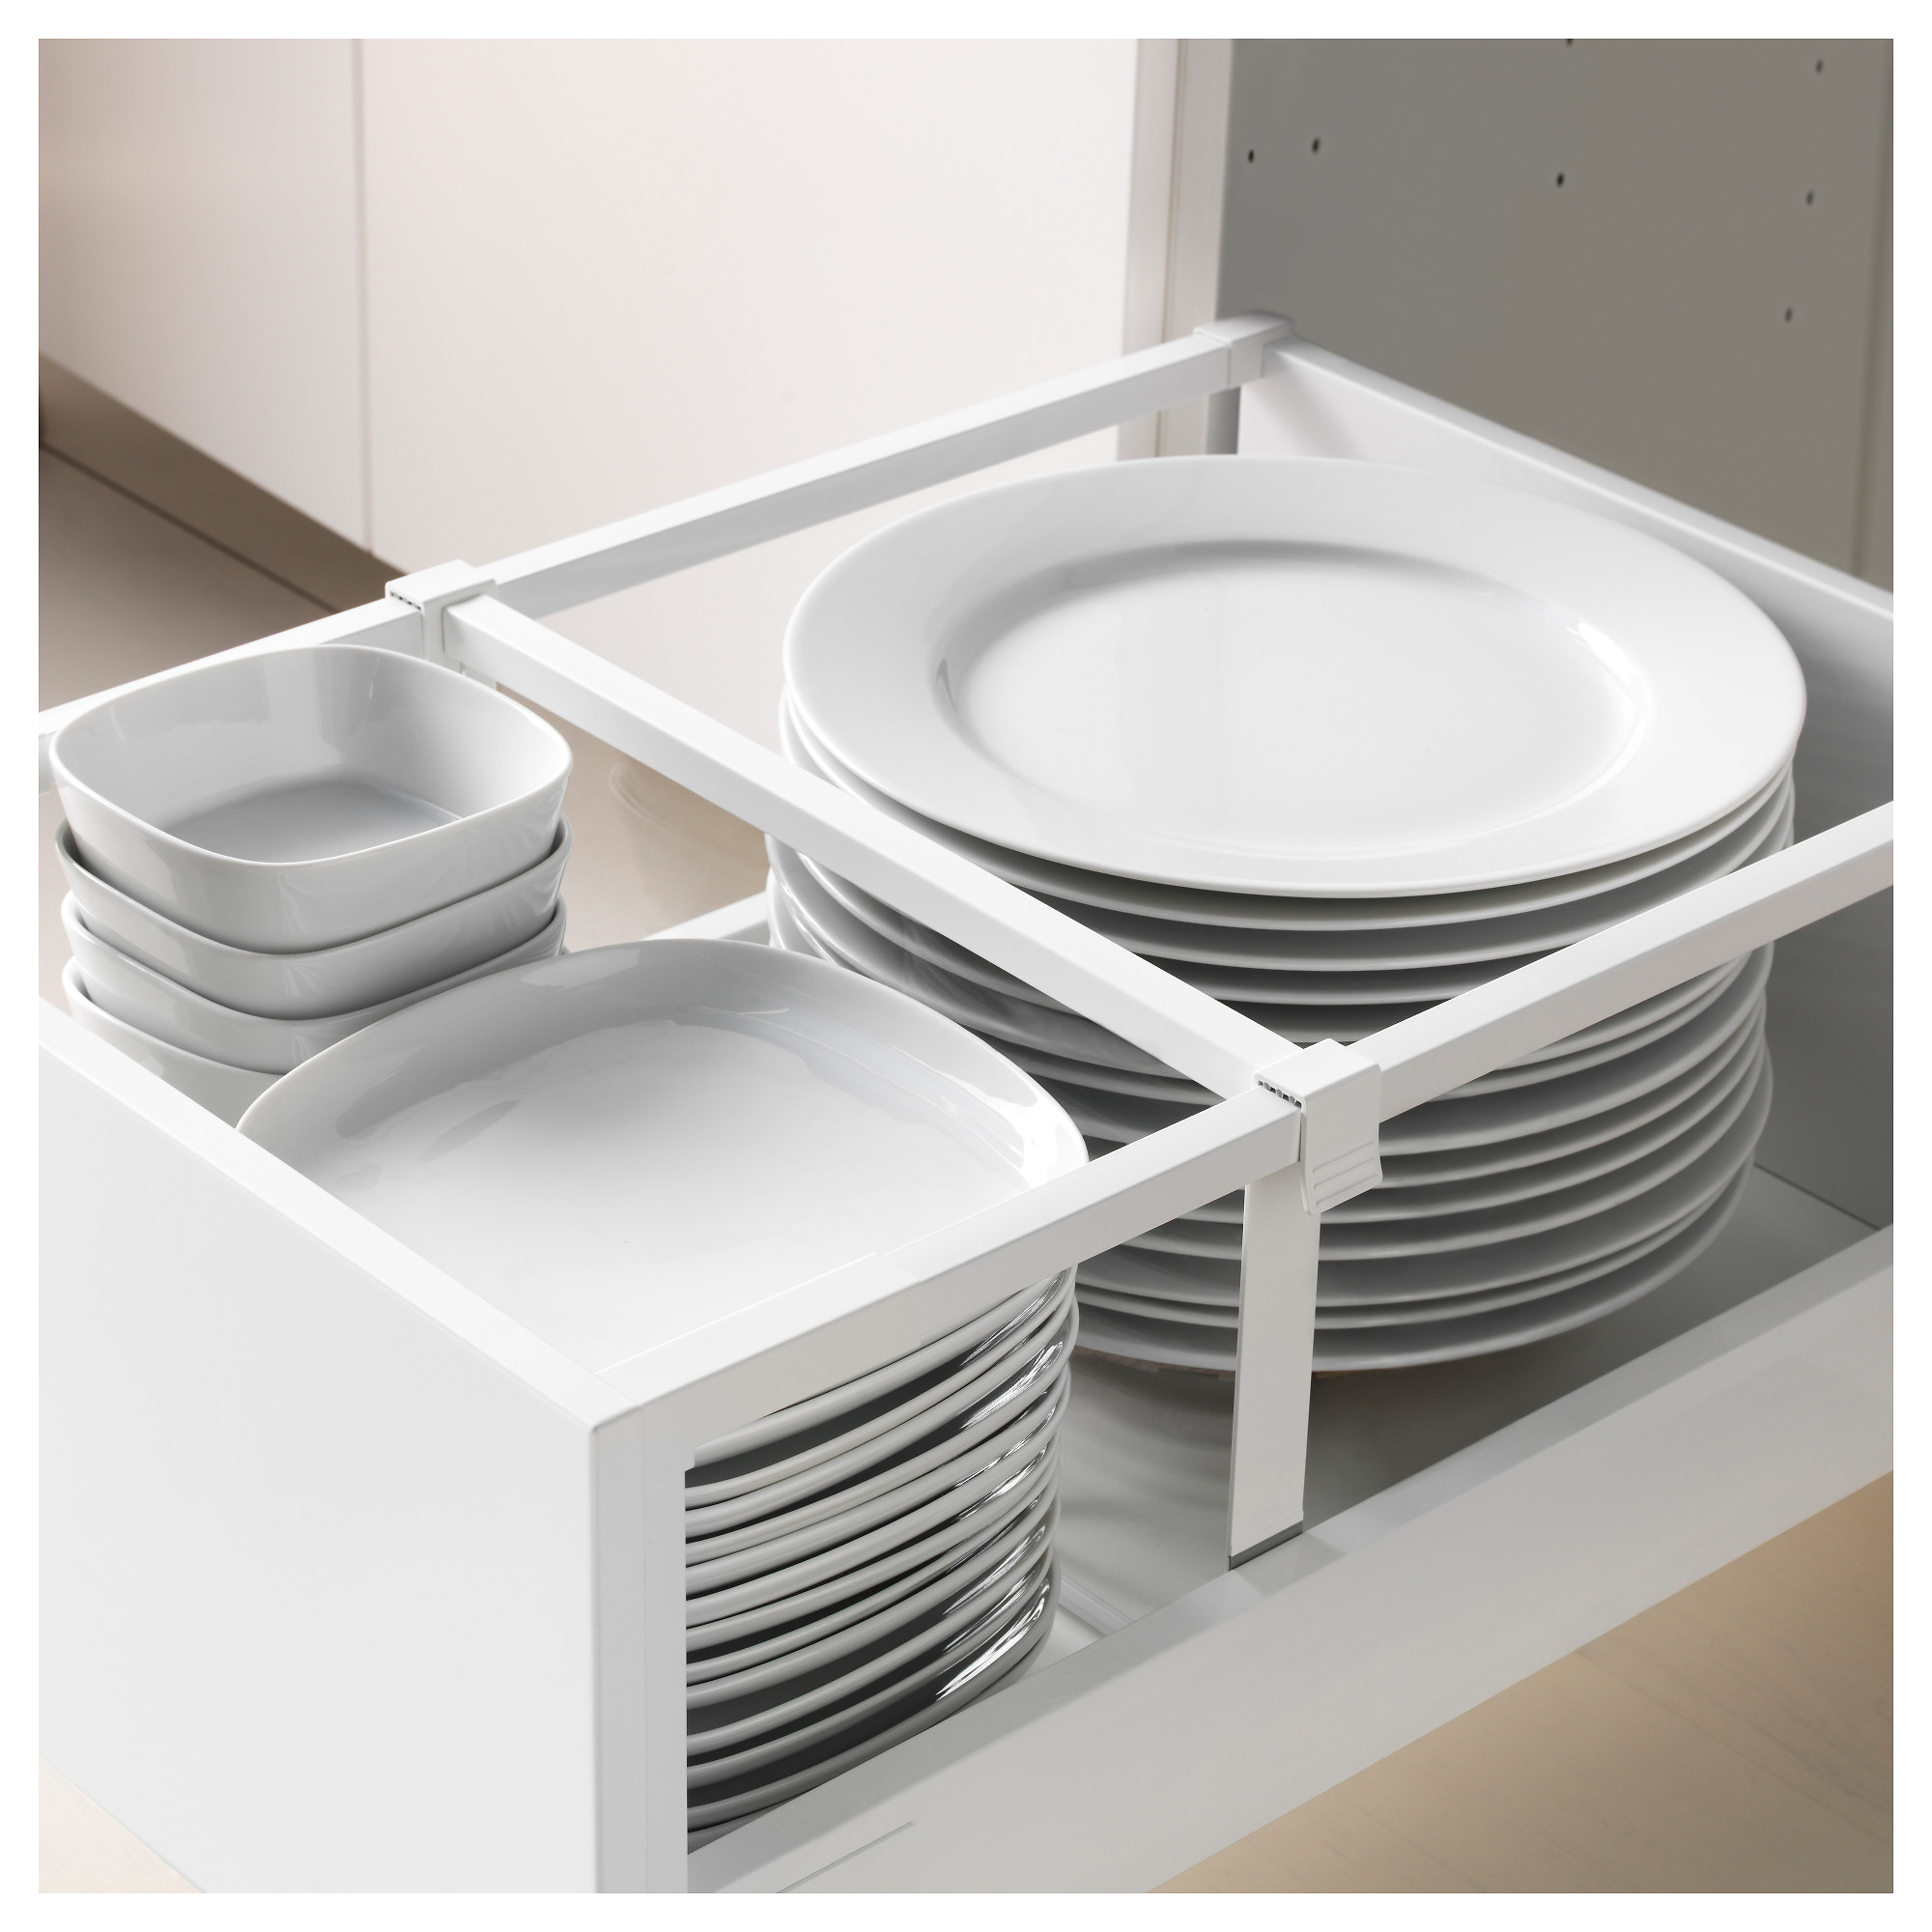 Высокий шкаф + полки, 5 ящиков, 2 дверцы, 2 фронтальных МЕТОД / МАКСИМЕРА белый артикуль № 292.357.05 в наличии. Онлайн каталог IKEA Беларусь. Недорогая доставка и установка.